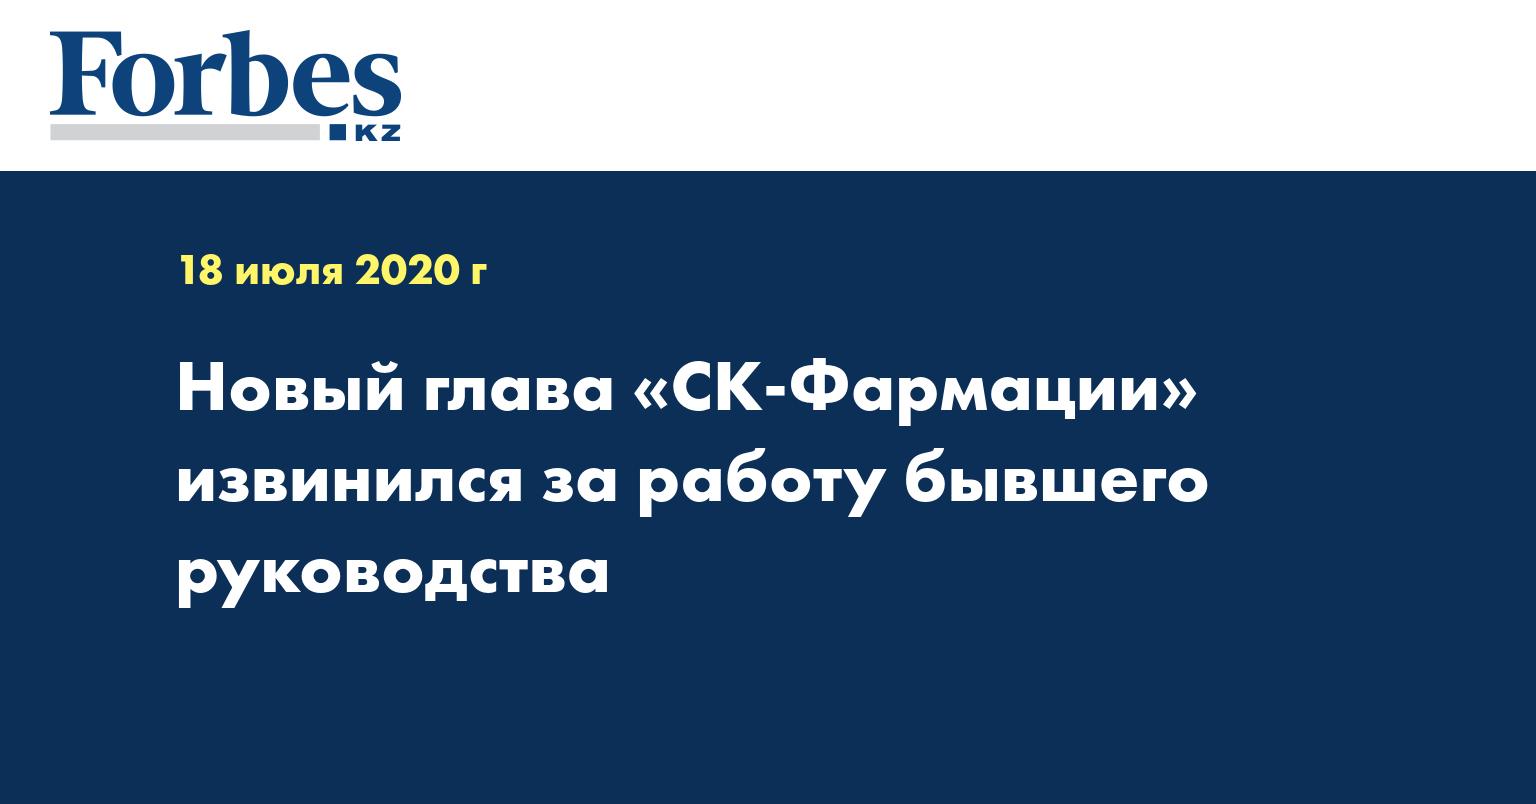 Новый глава «СК-Фармации» извинился за работу бывшего руководства